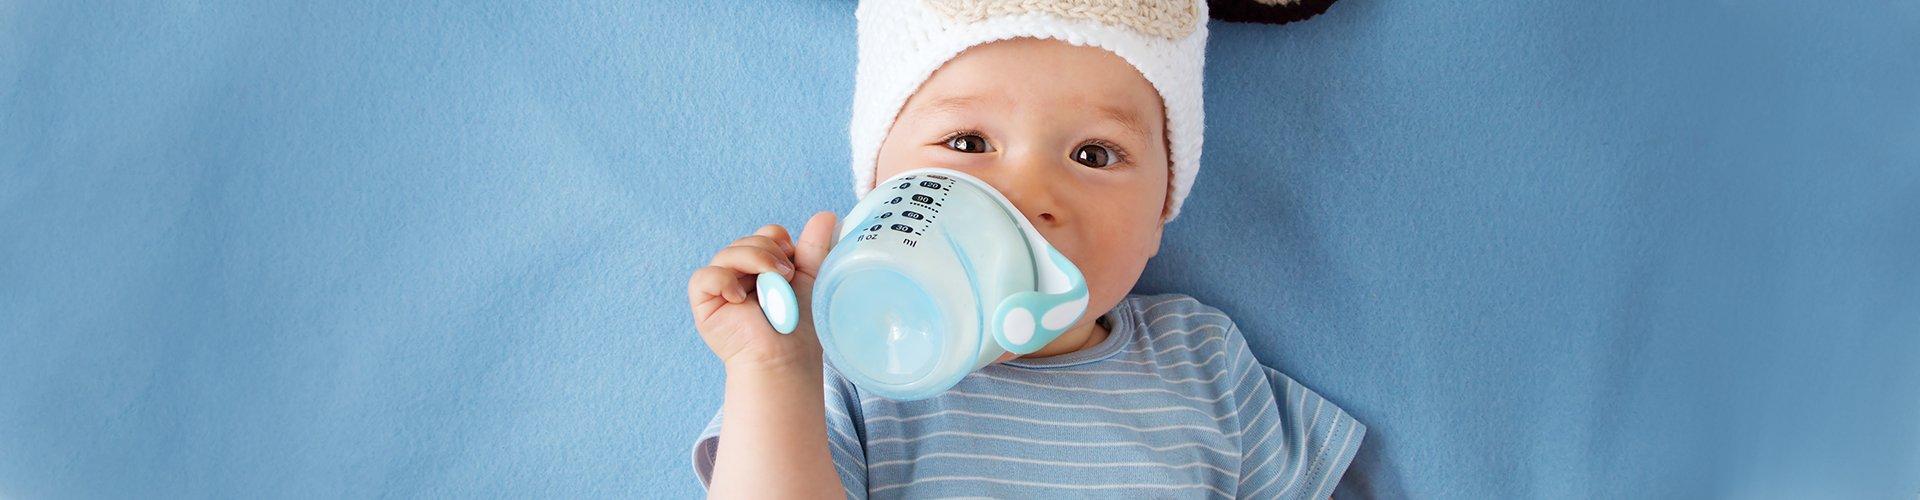 Βρεφική και Παιδική Διατροφή και Ανάπτυξη